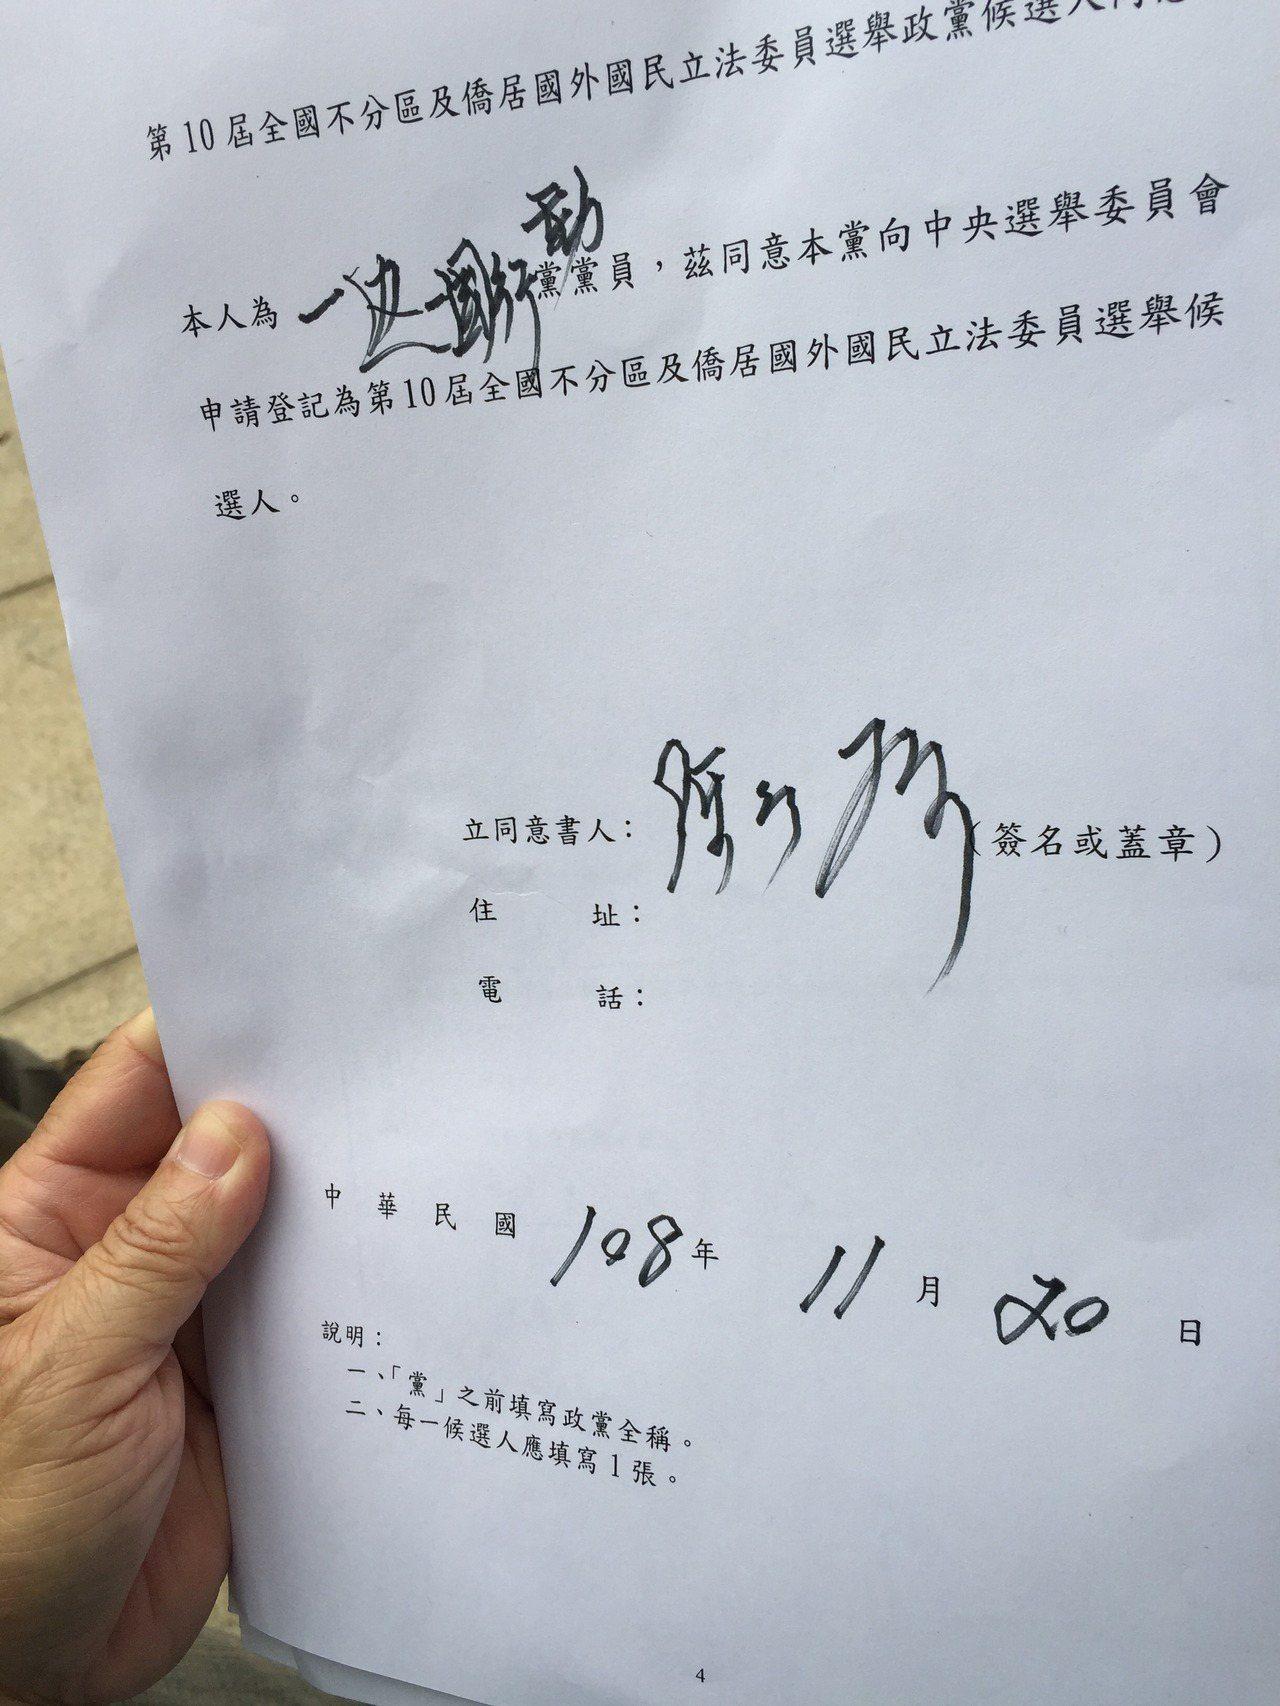 前總統陳水扁簽署同意一邊一國行動黨將他列不分區。記者楊濡嘉/攝影